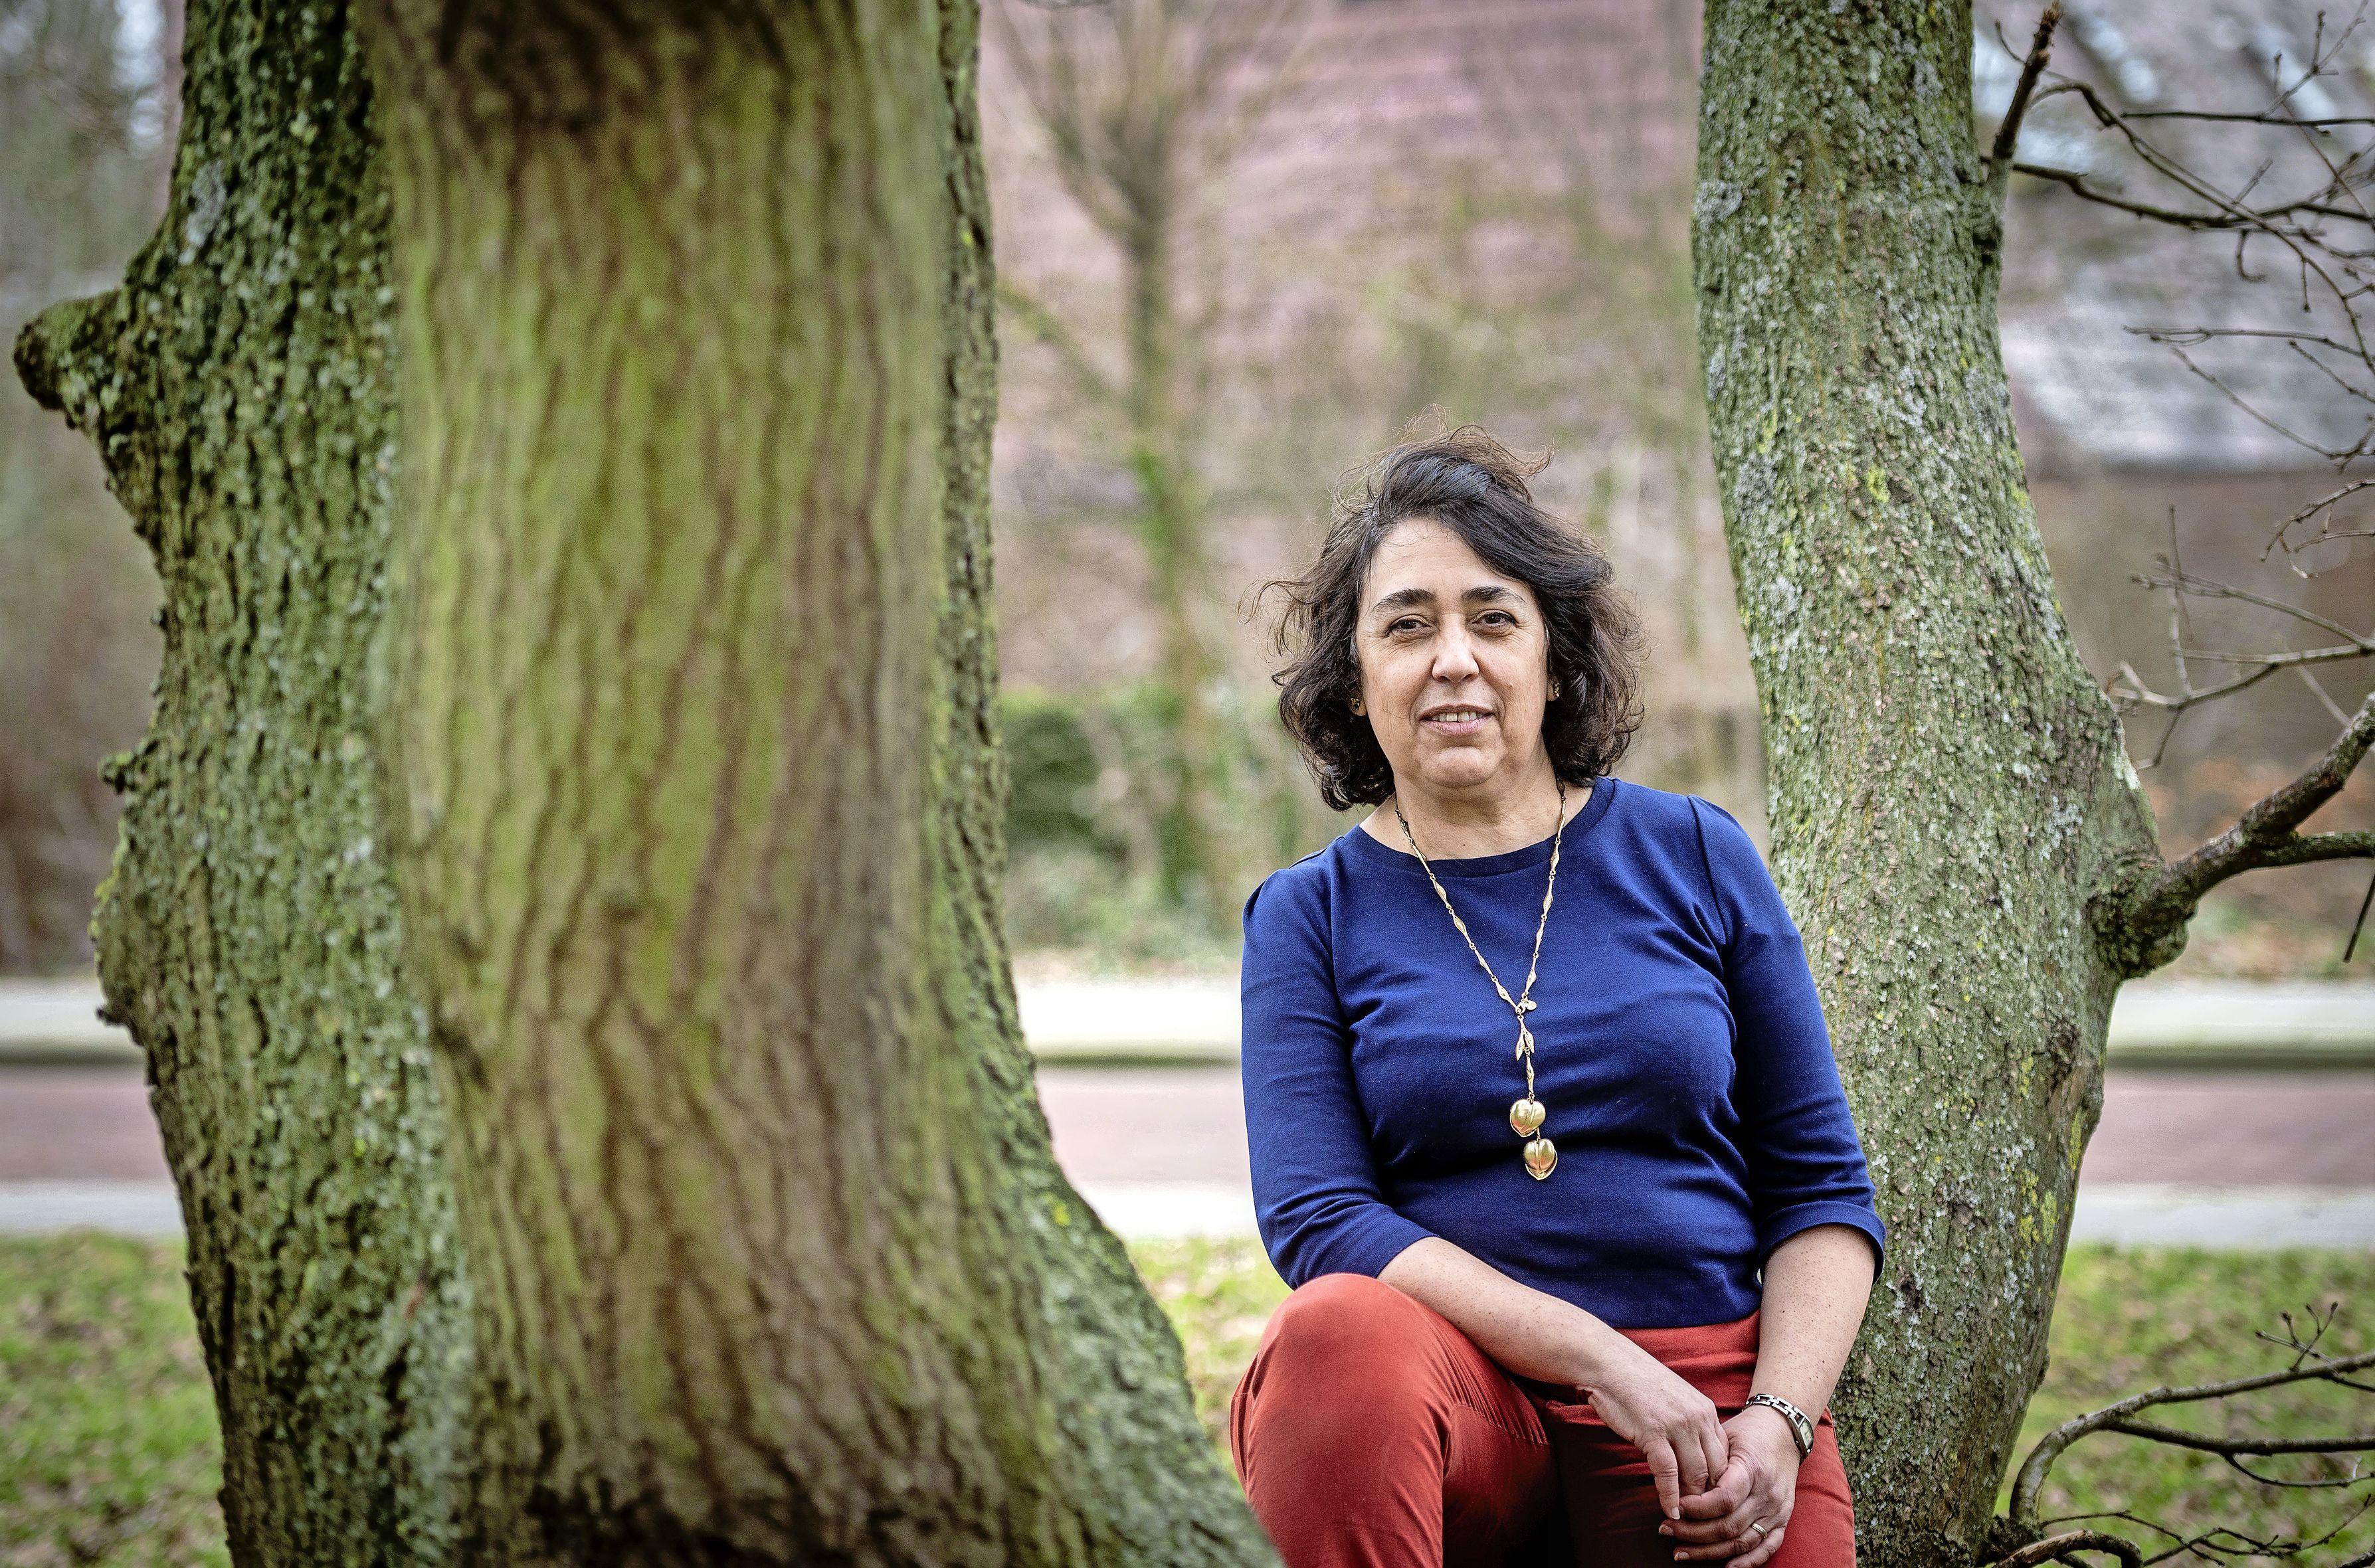 'Ik wil een stem zijn voor anderen', zegt de IJmuidense Teresa Marcos, nummer 66 voor D66 voor de kandidatenlijst voor de Tweede Kamer